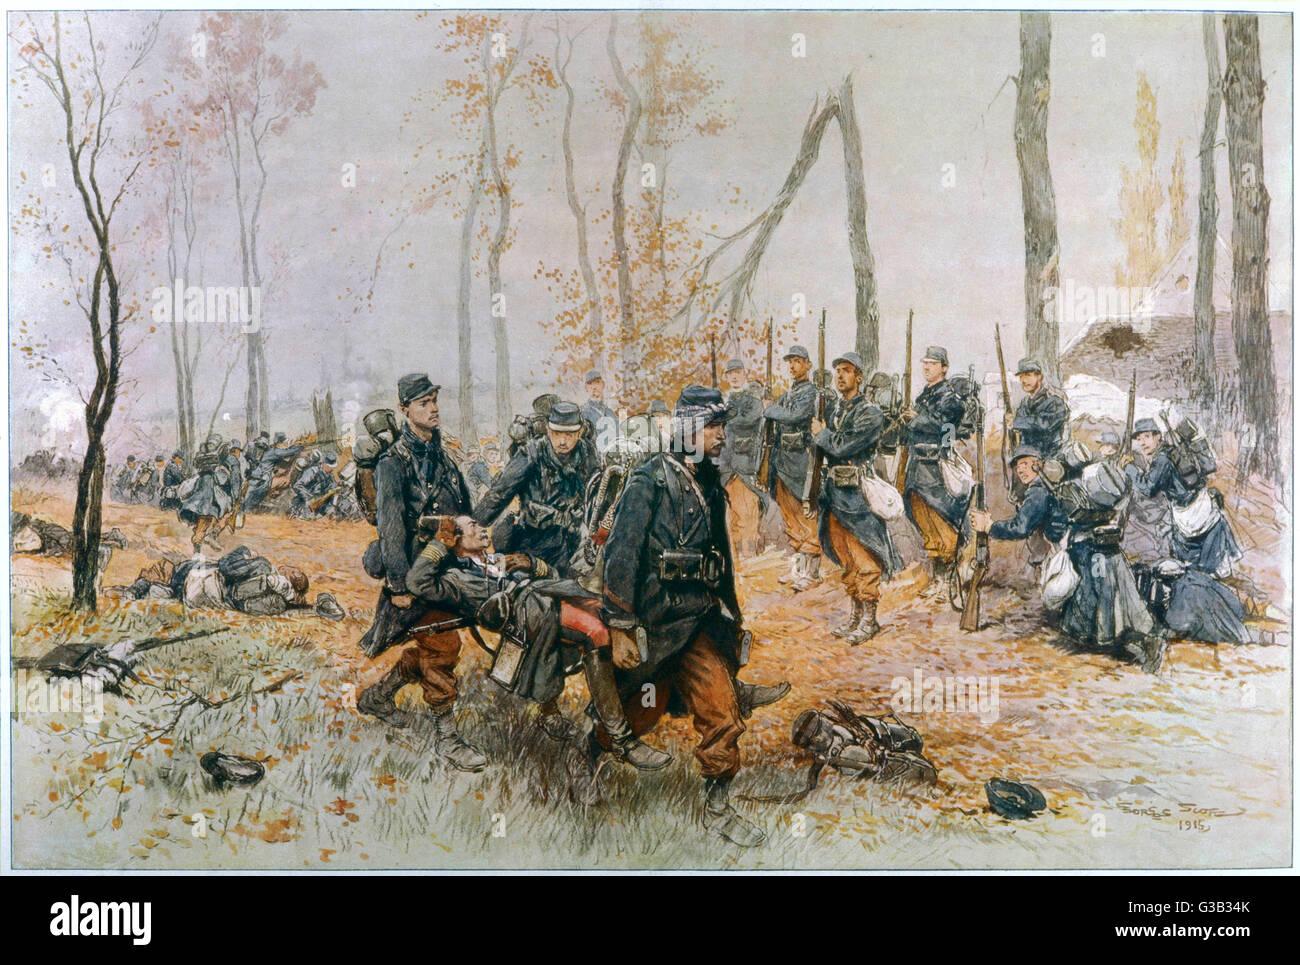 Como él es llevado en una camilla por sus camaradas, muriendo un soldado francés hace su último saludo. Imagen De Stock